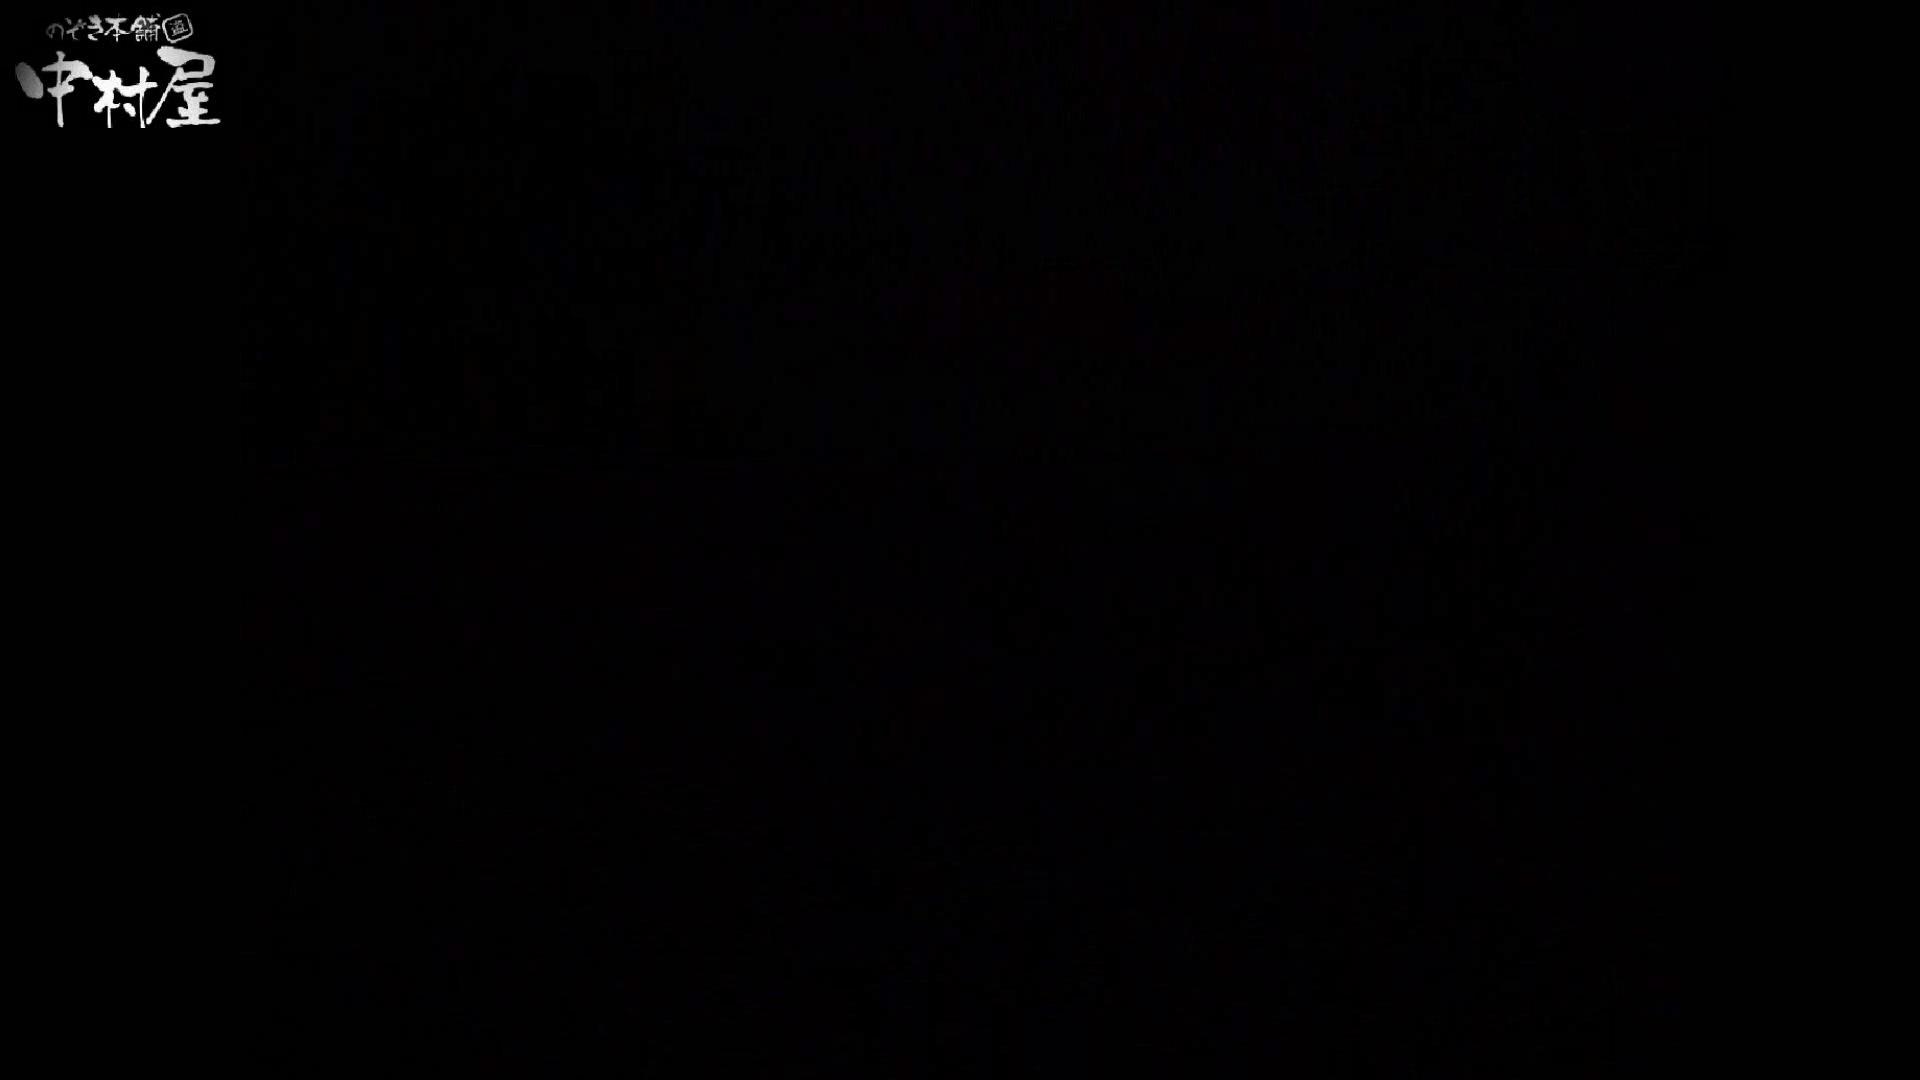 民家風呂専門盗撮師の超危険映像 vol.015 エロい美少女 オマンコ動画キャプチャ 99PIX 29